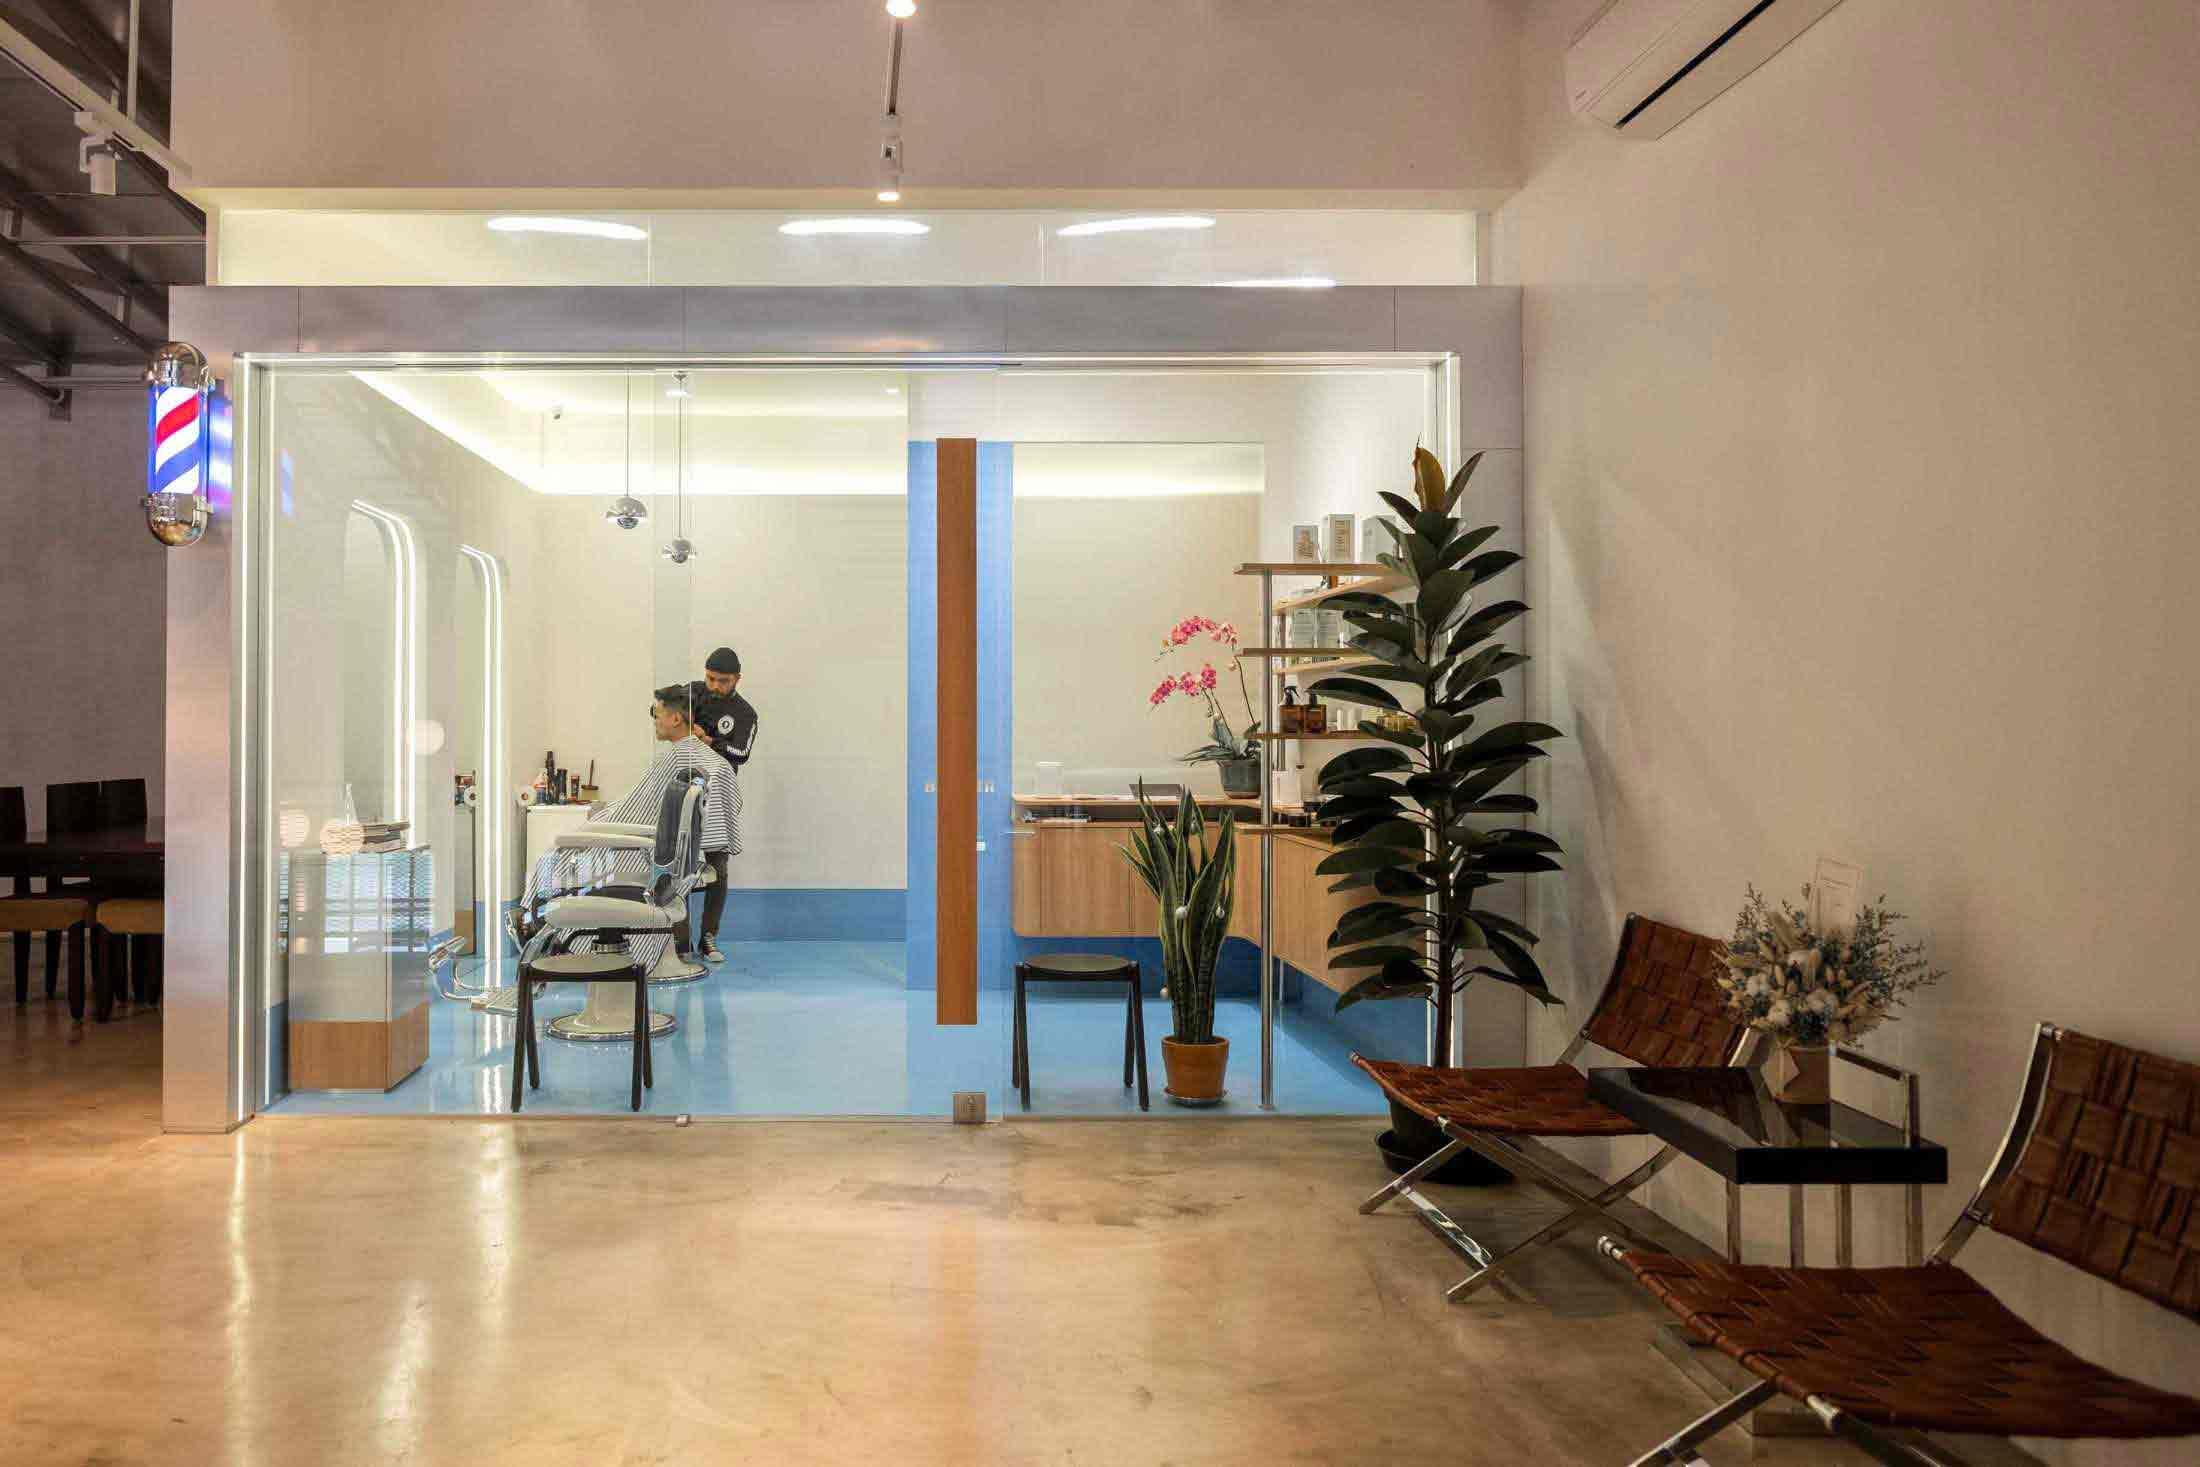 Desain Barbershop Minimalis Keren dengan Warna Biru Pastel dan Krem | Foto artikel Arsitag